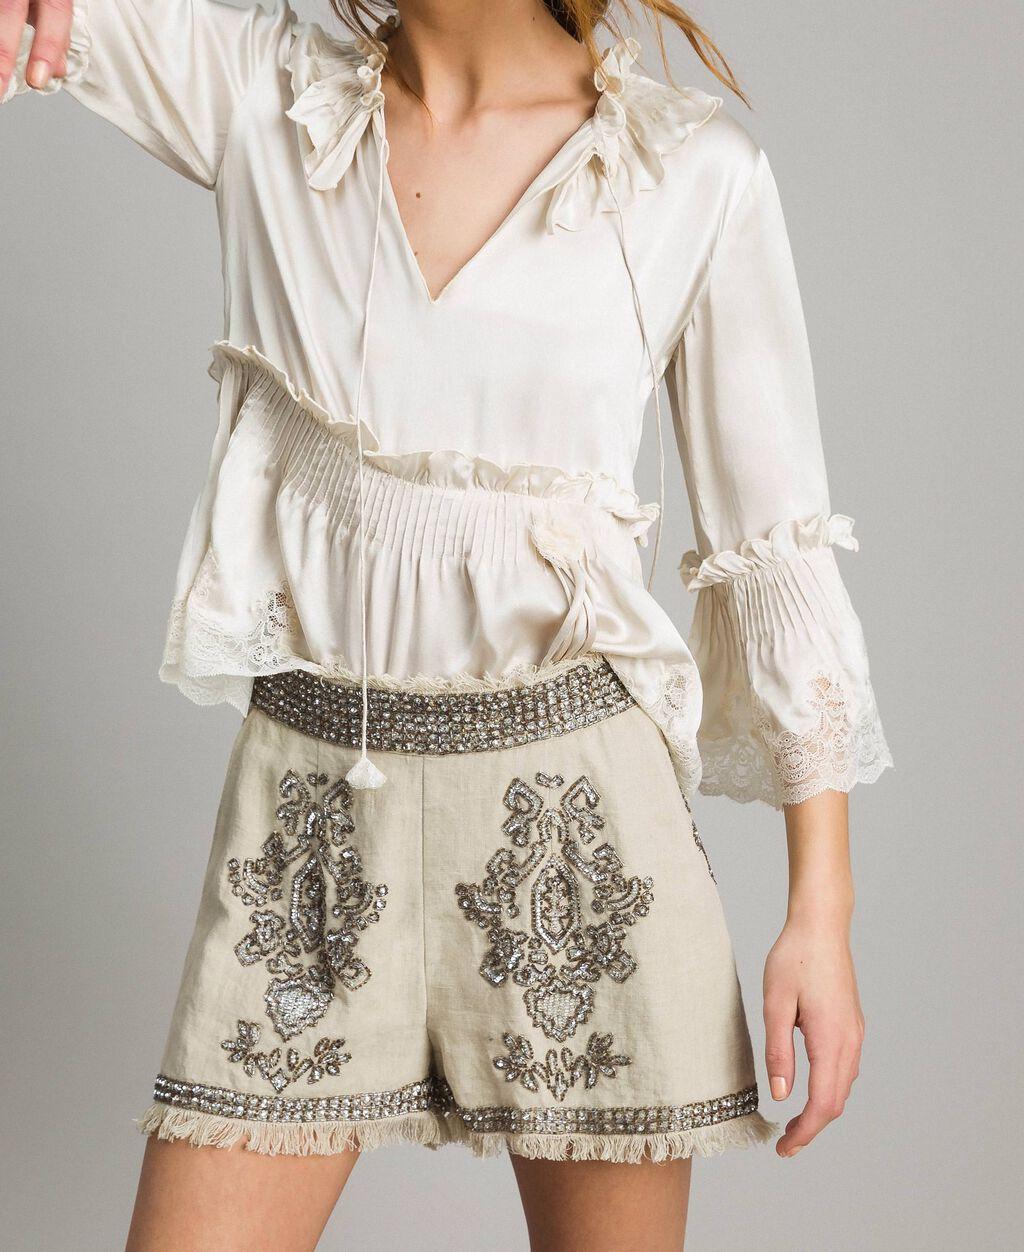 646c0e3f5201 Abbigliamento Donna - Primavera Estate 2019